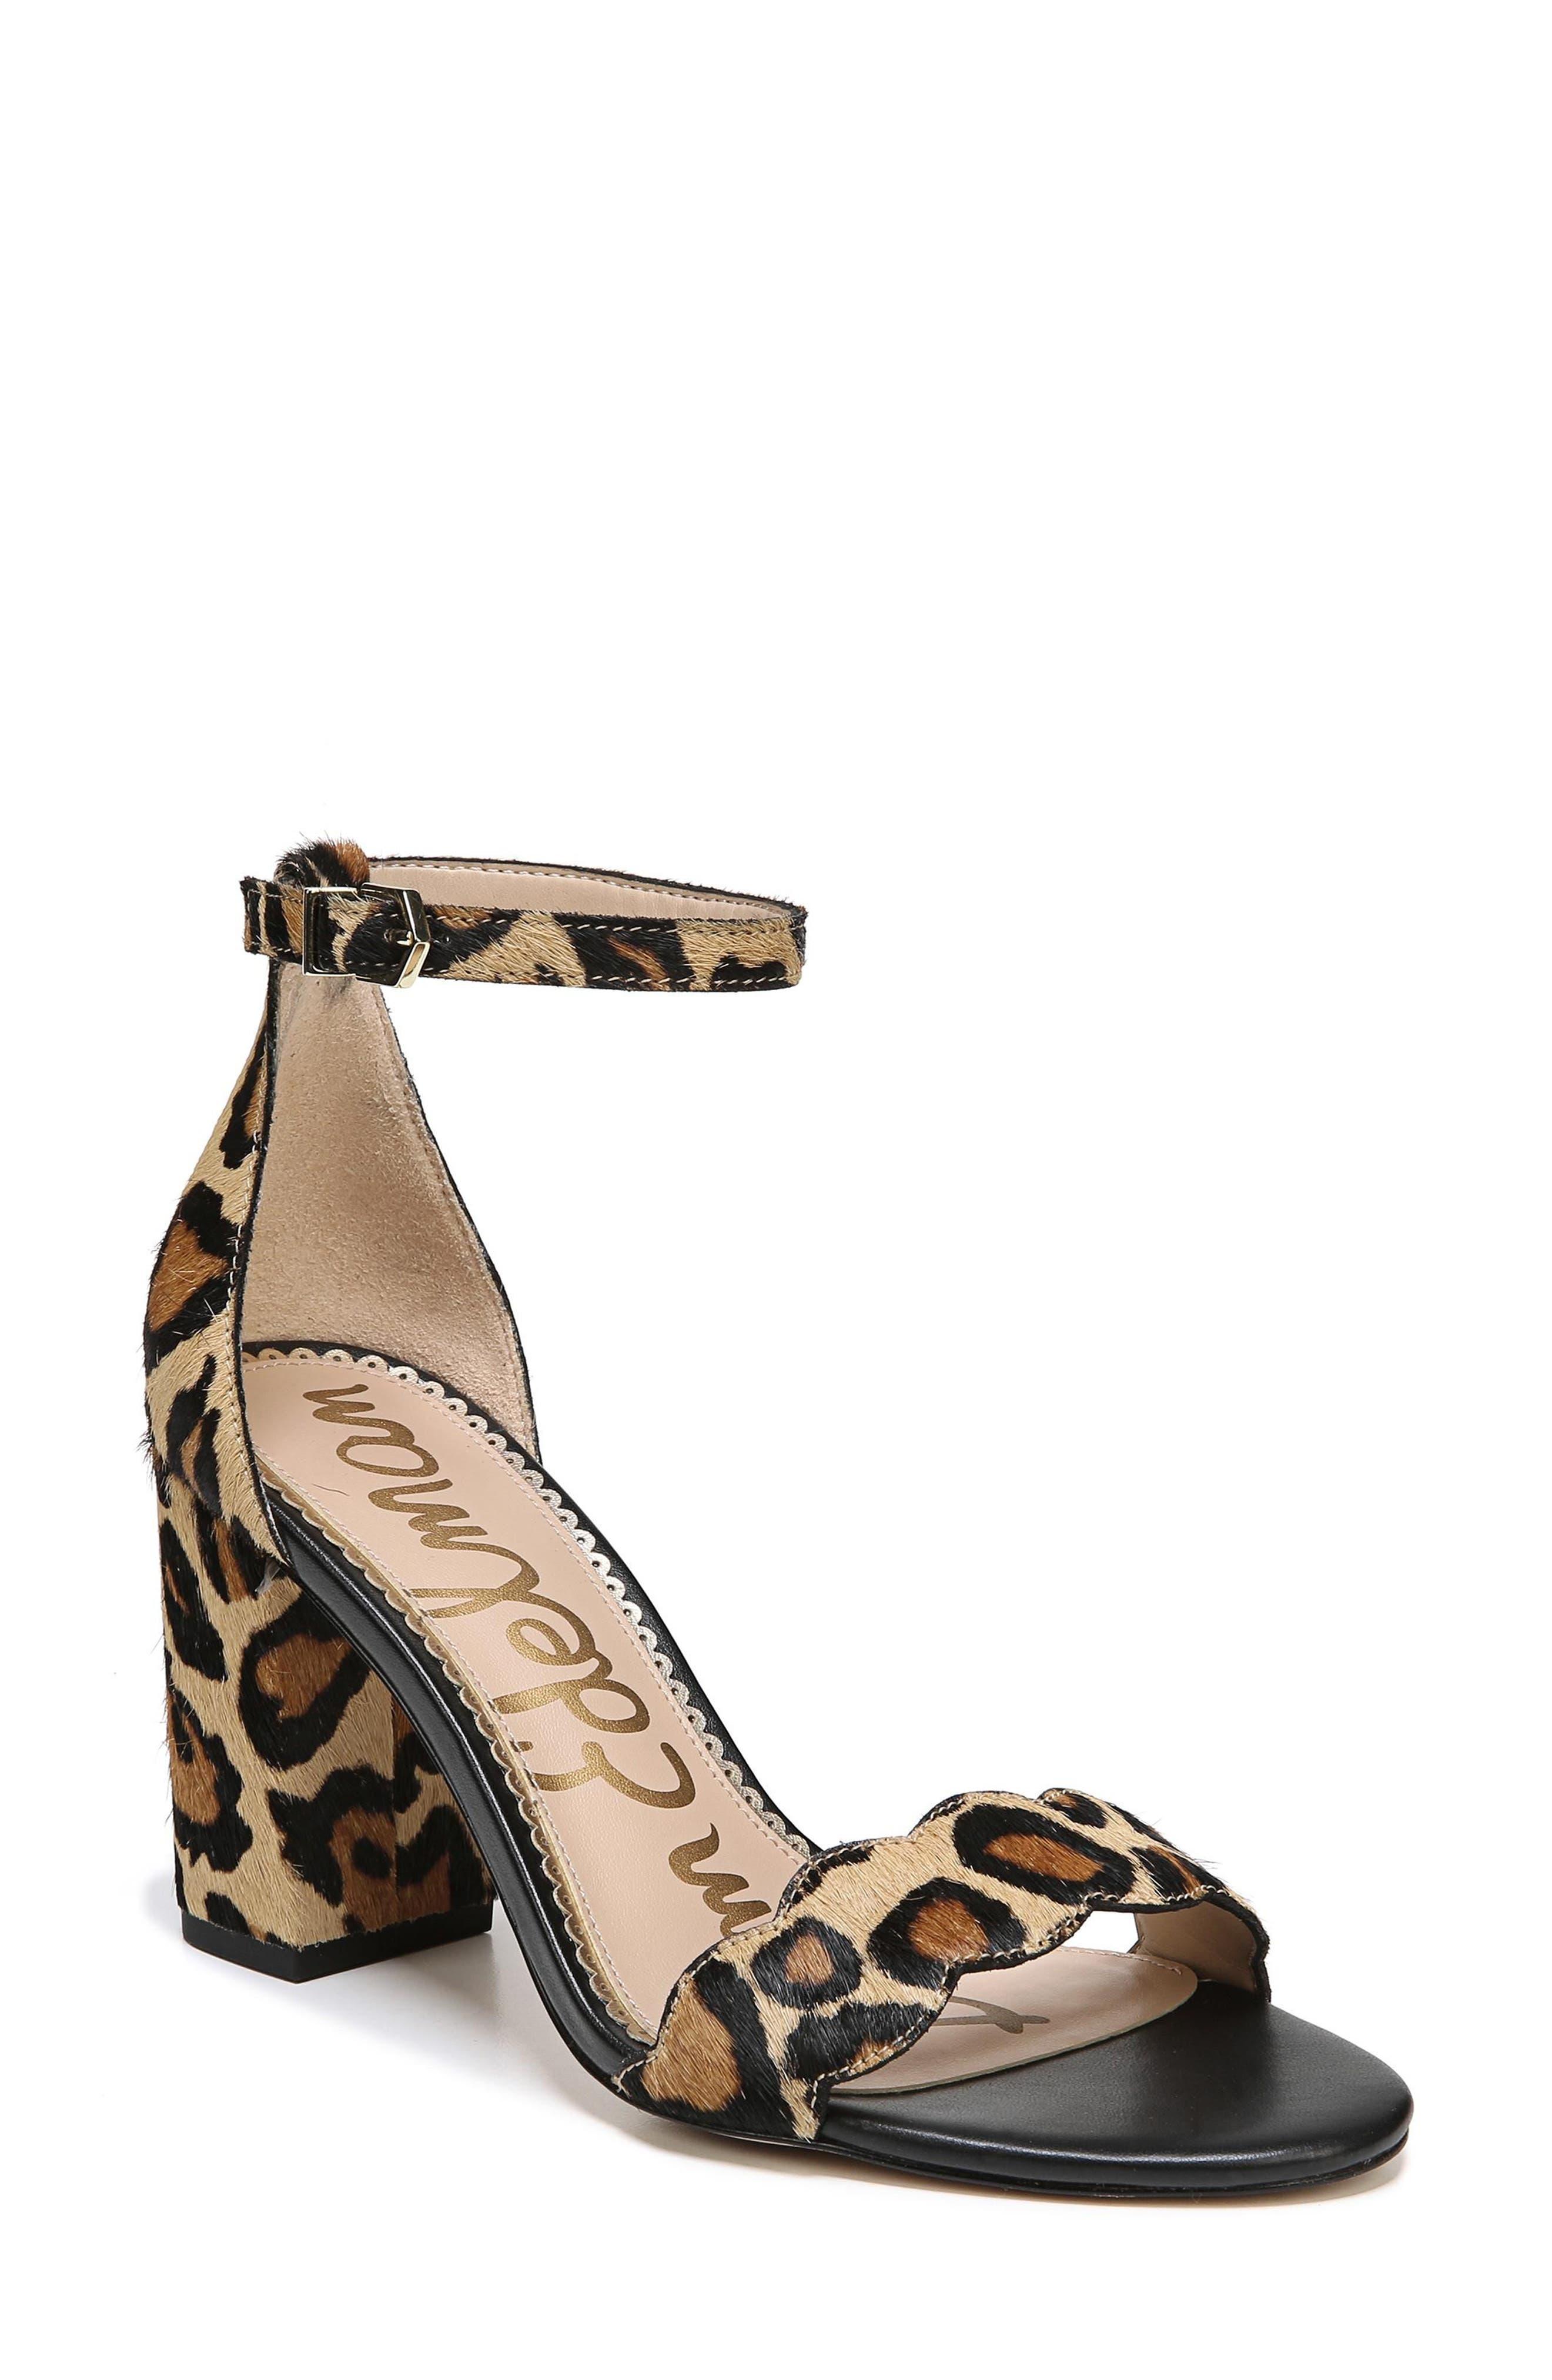 Odila Genuine Calf Hair Sandal,                         Main,                         color, New Nude Leopard Calf Hair